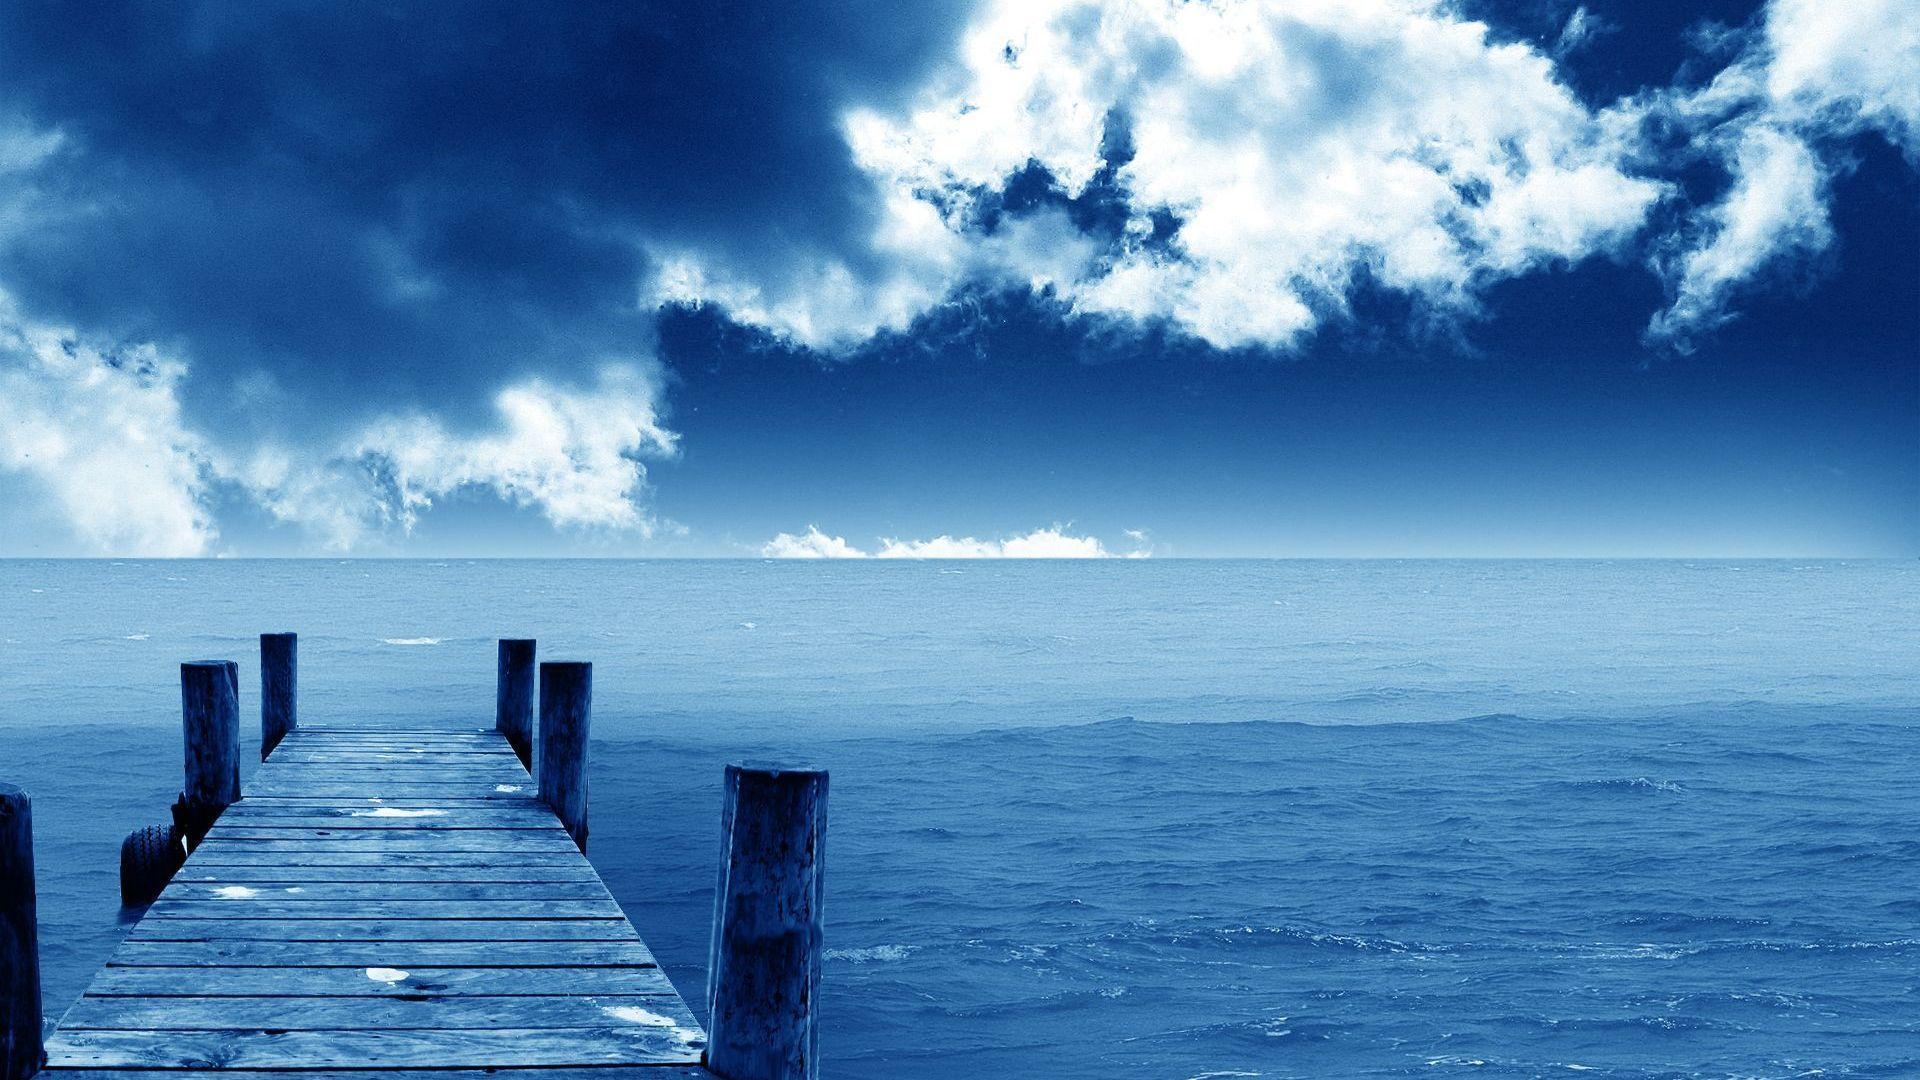 download 1920x1080 calm sea - photo #27